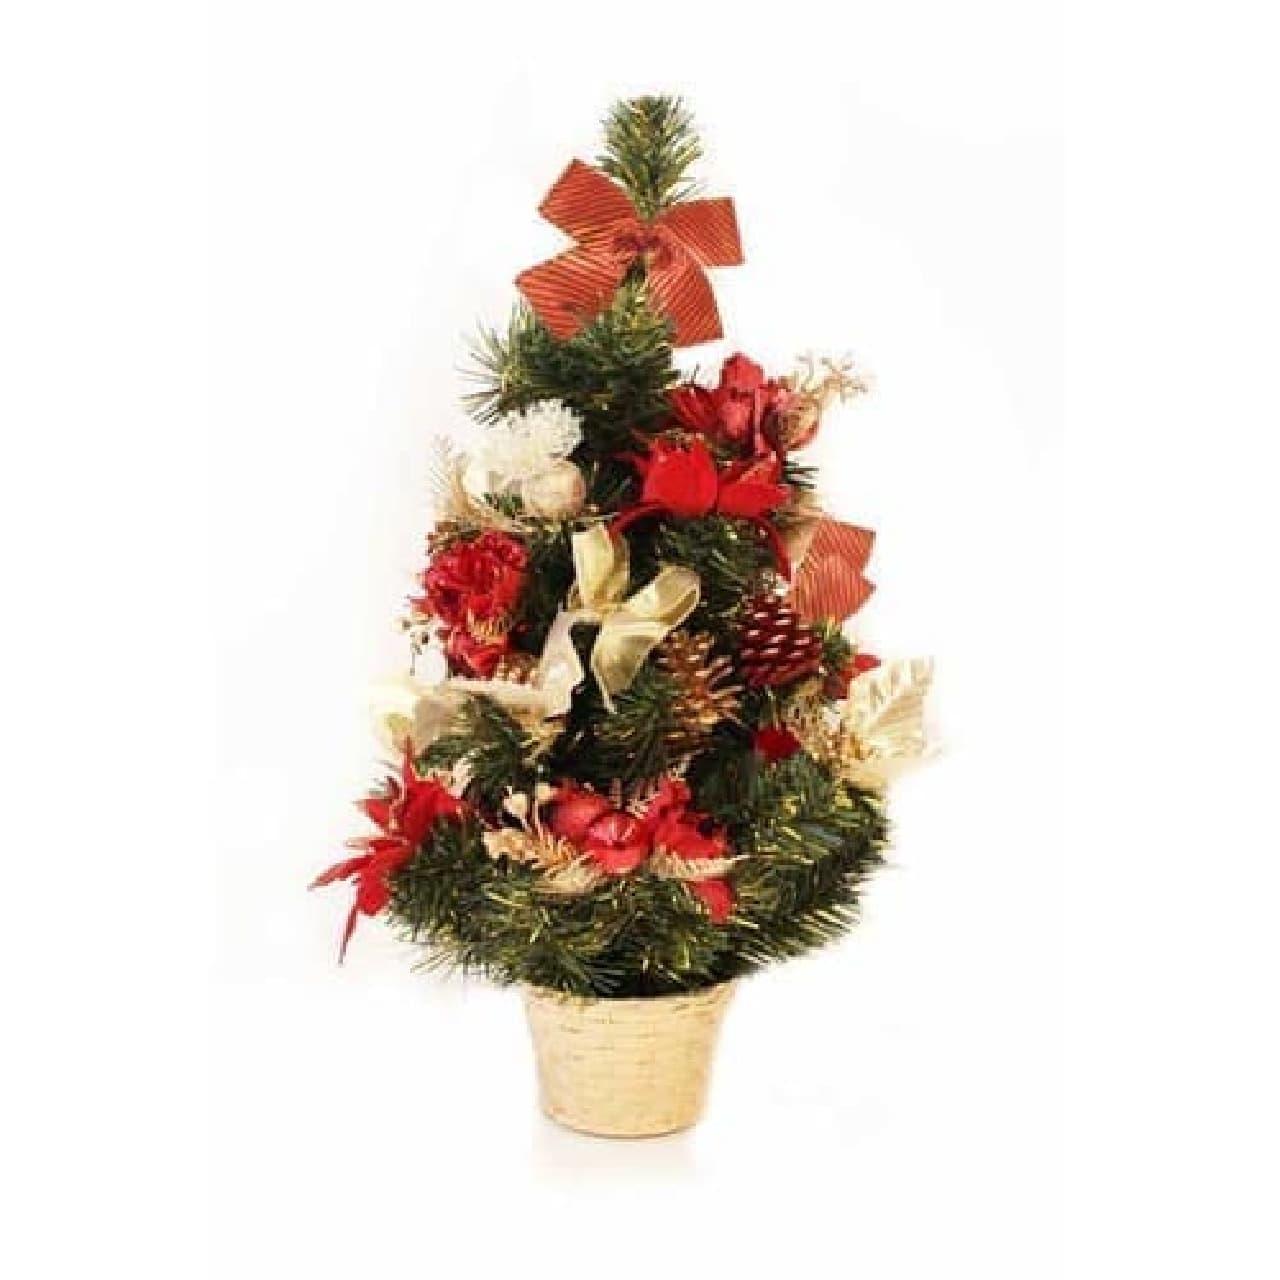 オーサムストアからクリスマスのインテリア雑貨